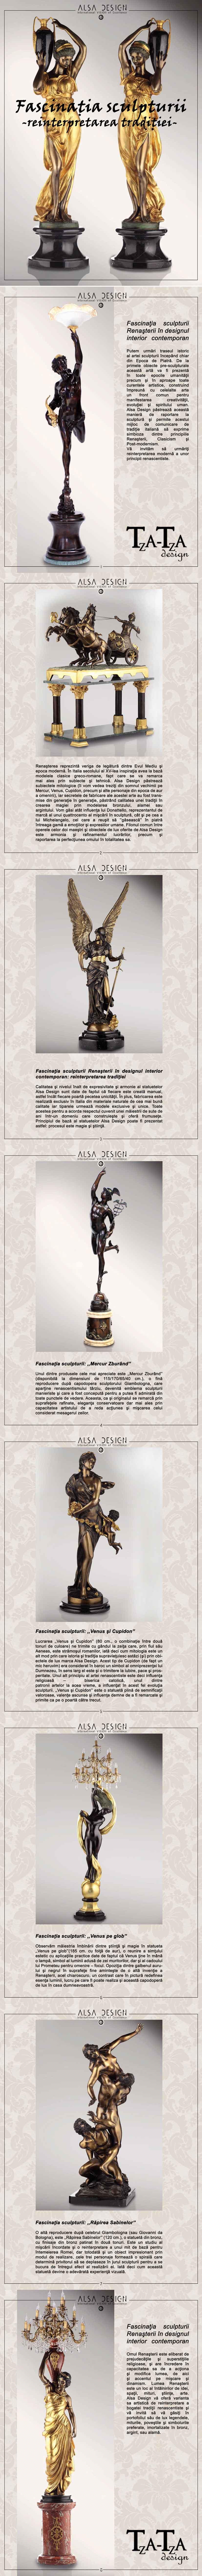 revista-alsadesign-articol-statuete-web